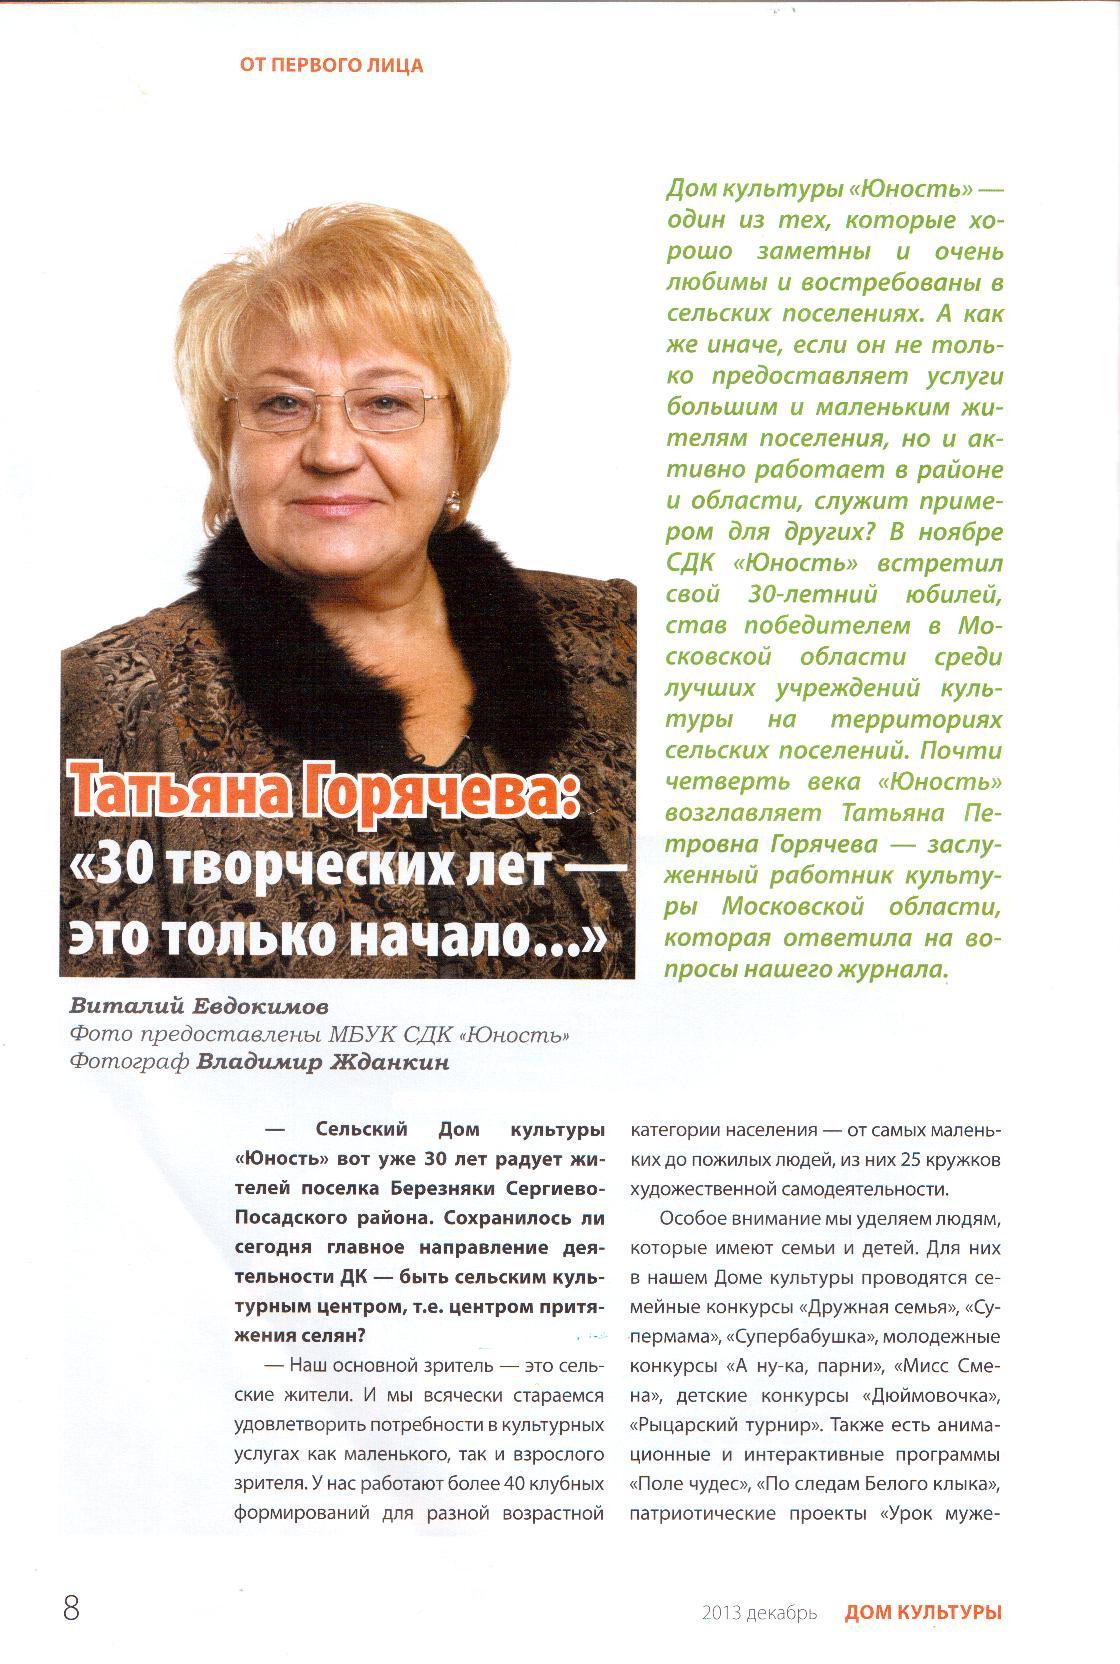 Статья_1стр. сайт.jpg